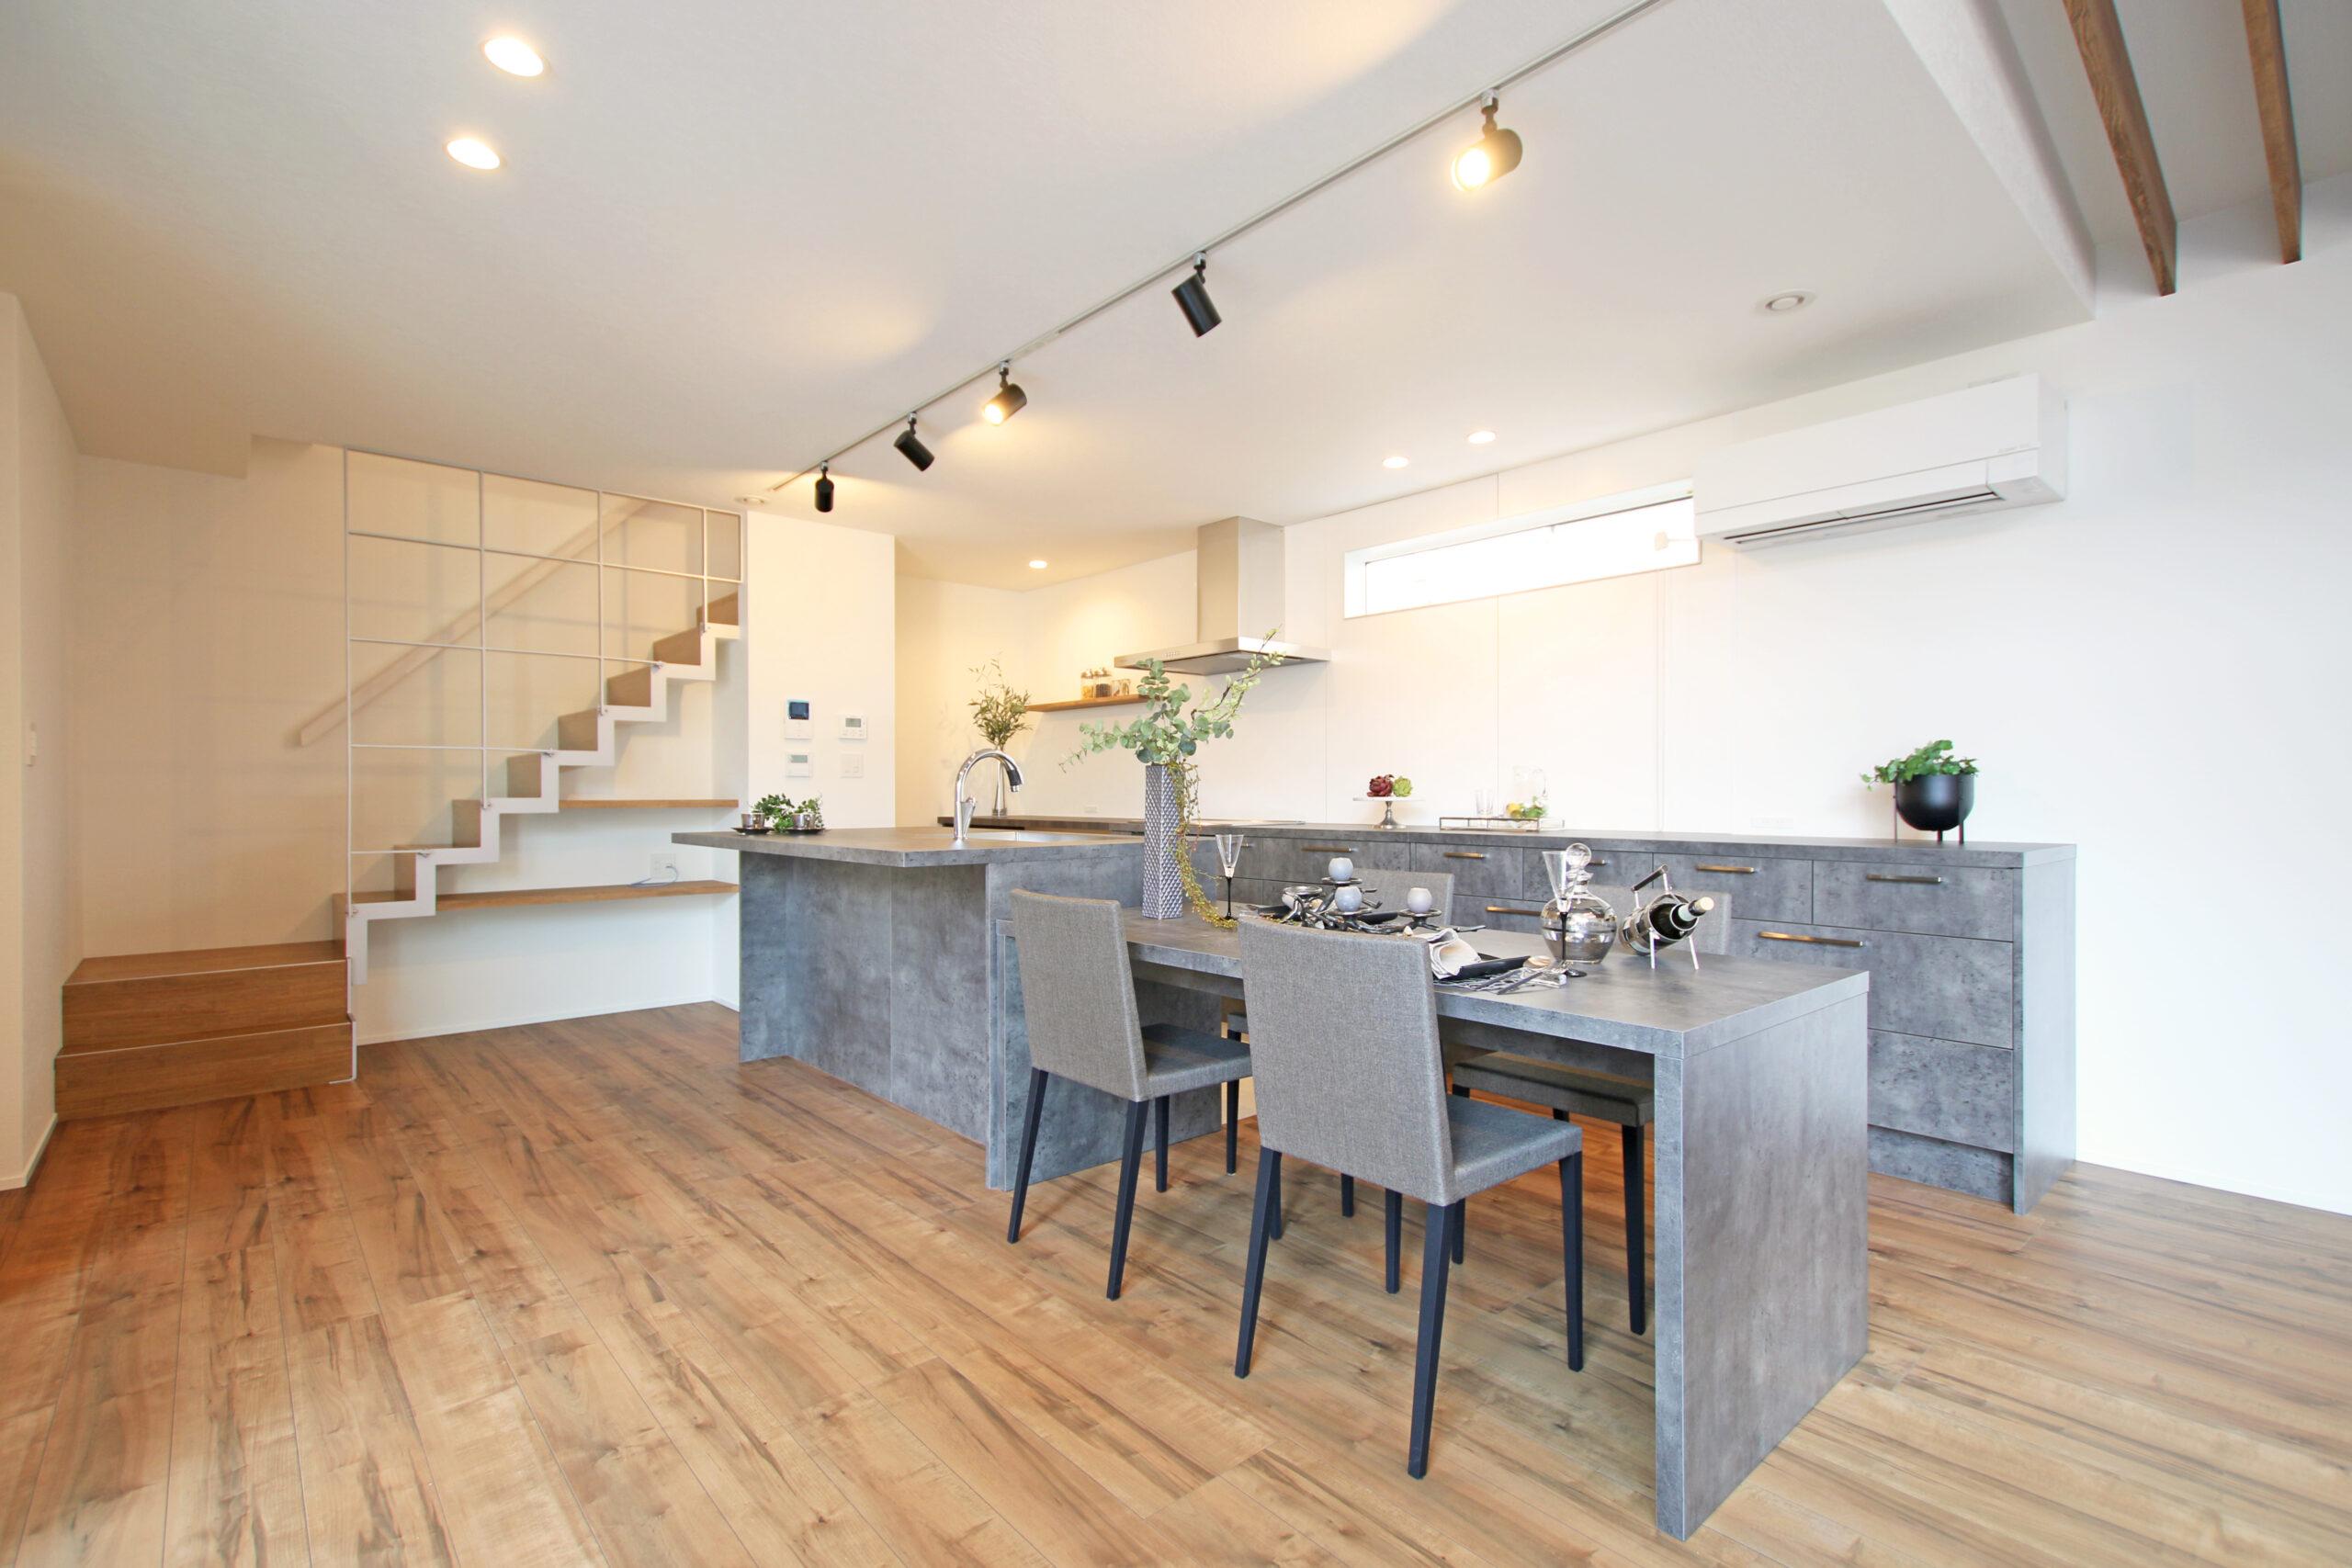 モルタル風のイメージで統一したキッチンとダイニング、カップボード。LDKの雰囲気が引き締まります。